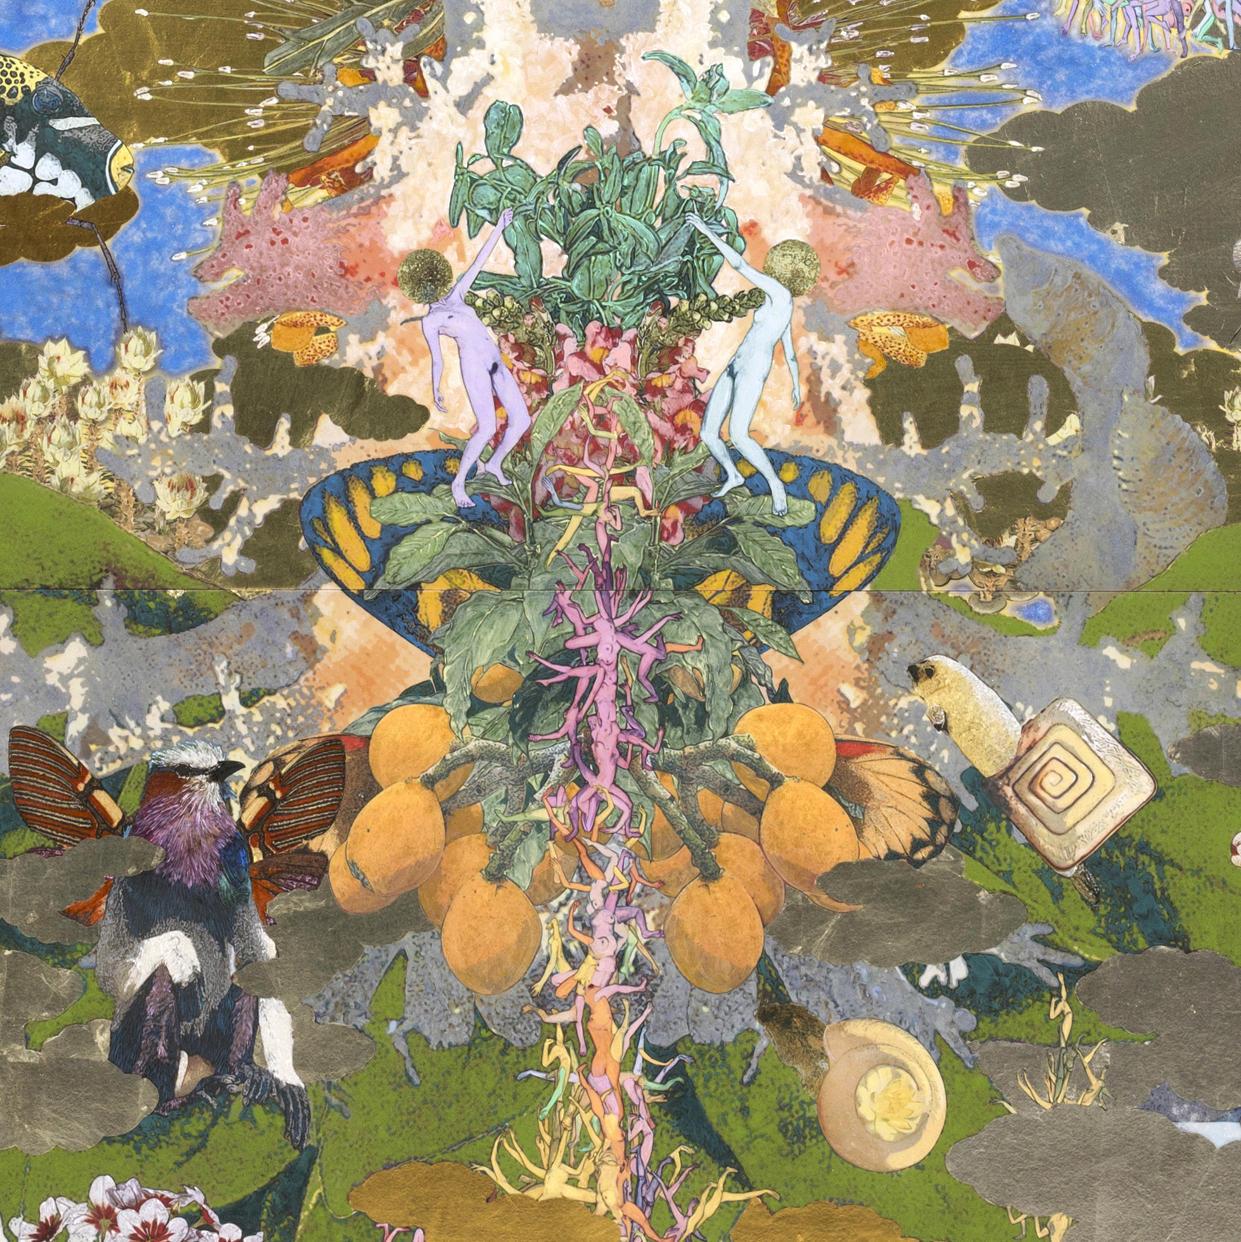 鴻崎正武、春原直人:日経日本画大賞展 @ 上野の森美術館